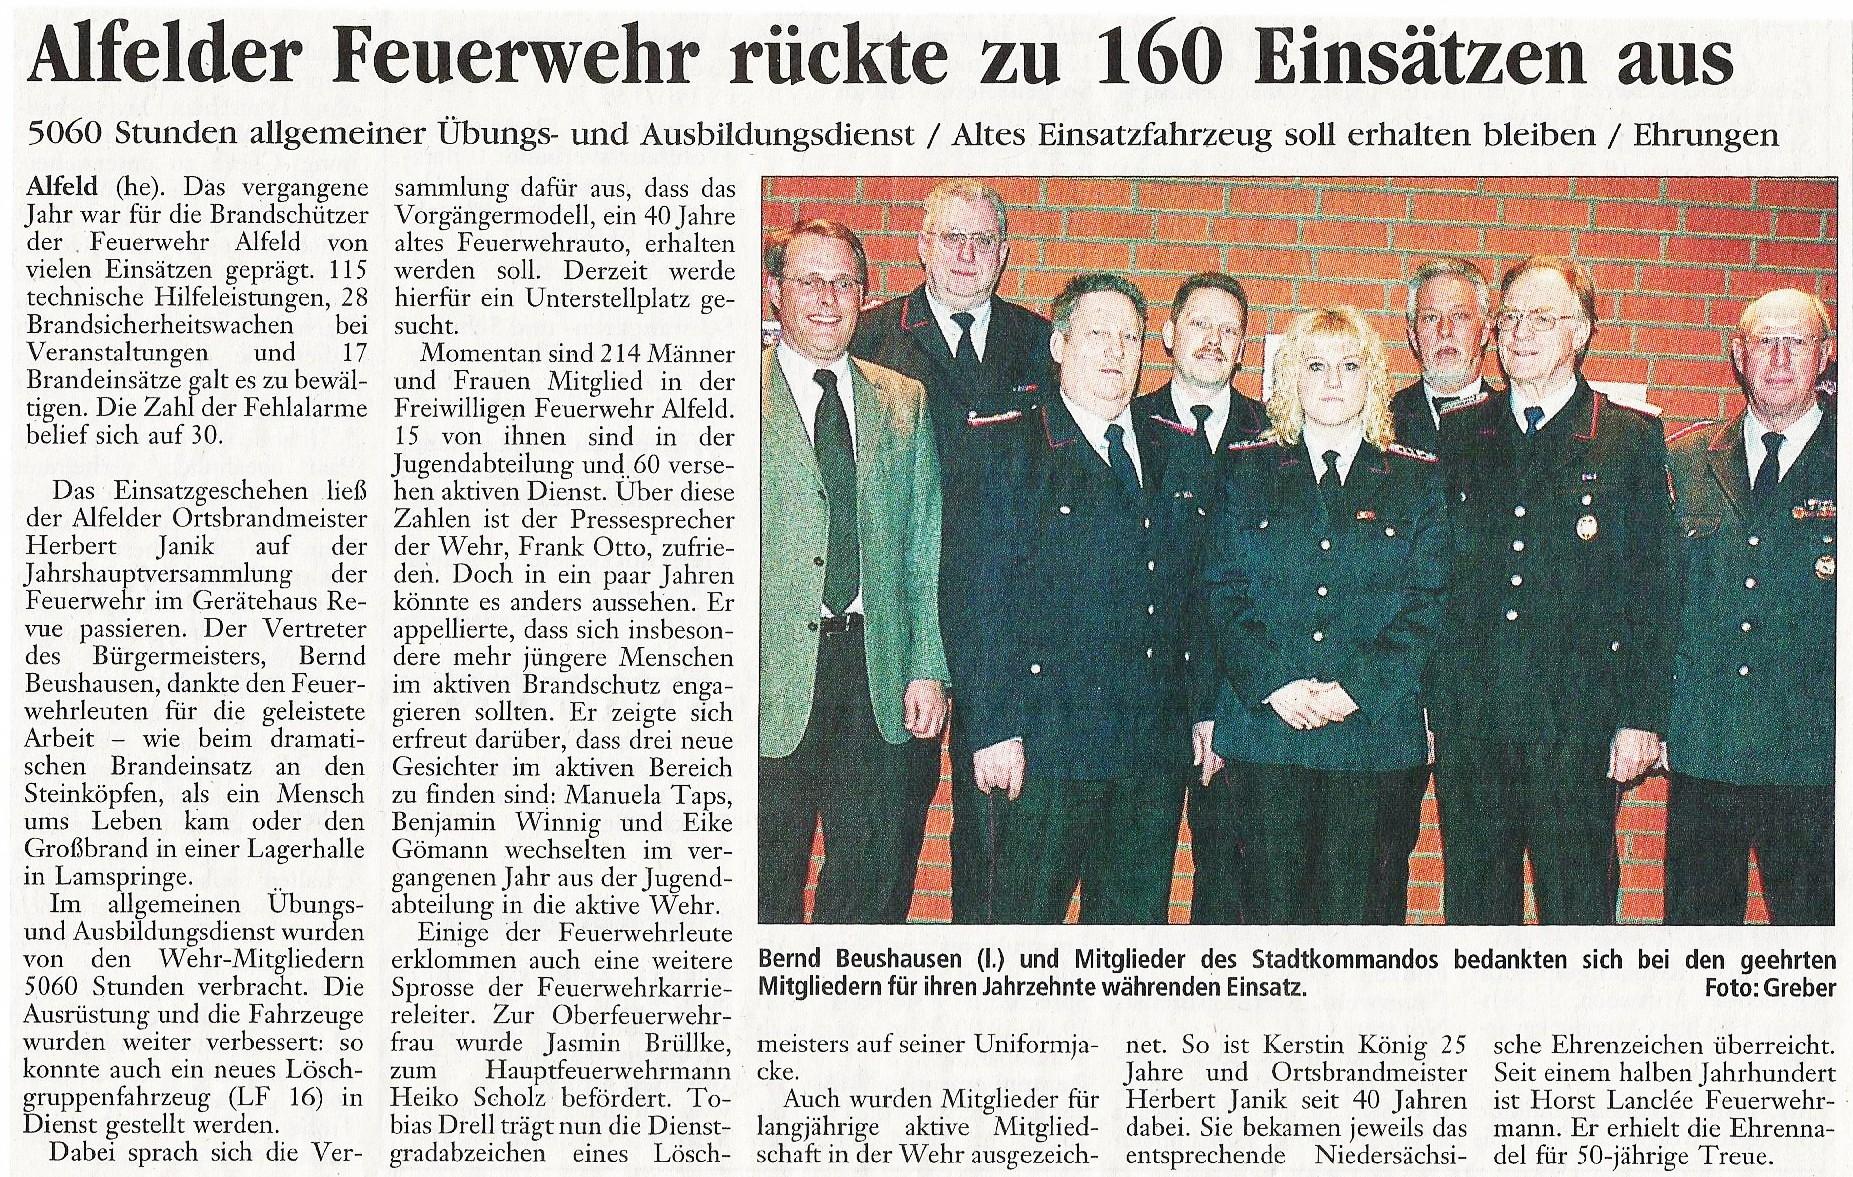 2005-01-31 Alfelder Feuerwehr rückte zu 160 Einsätzen aus